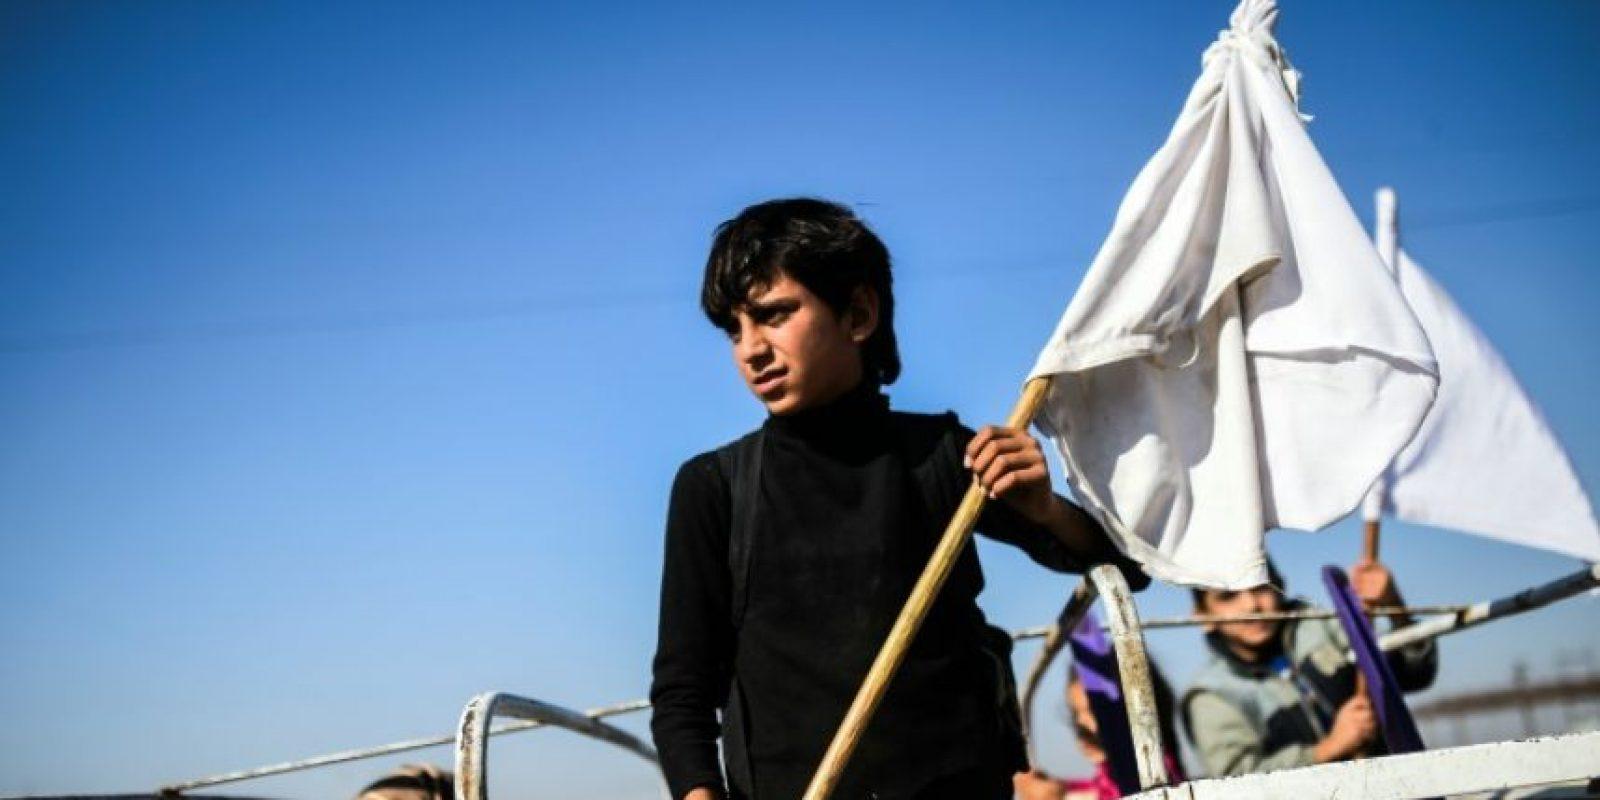 Un niño sostiene una bandera blanca a bordo de un camión que se dirige a campos para personas desplazadas por los combates entre yihadistas y fuerzas gubernamentales, el viernes 4 de noviembre cerca del pueblo de Gogjali, al este de Mosul, en Irak Foto:Bulent Kilic/afp.com